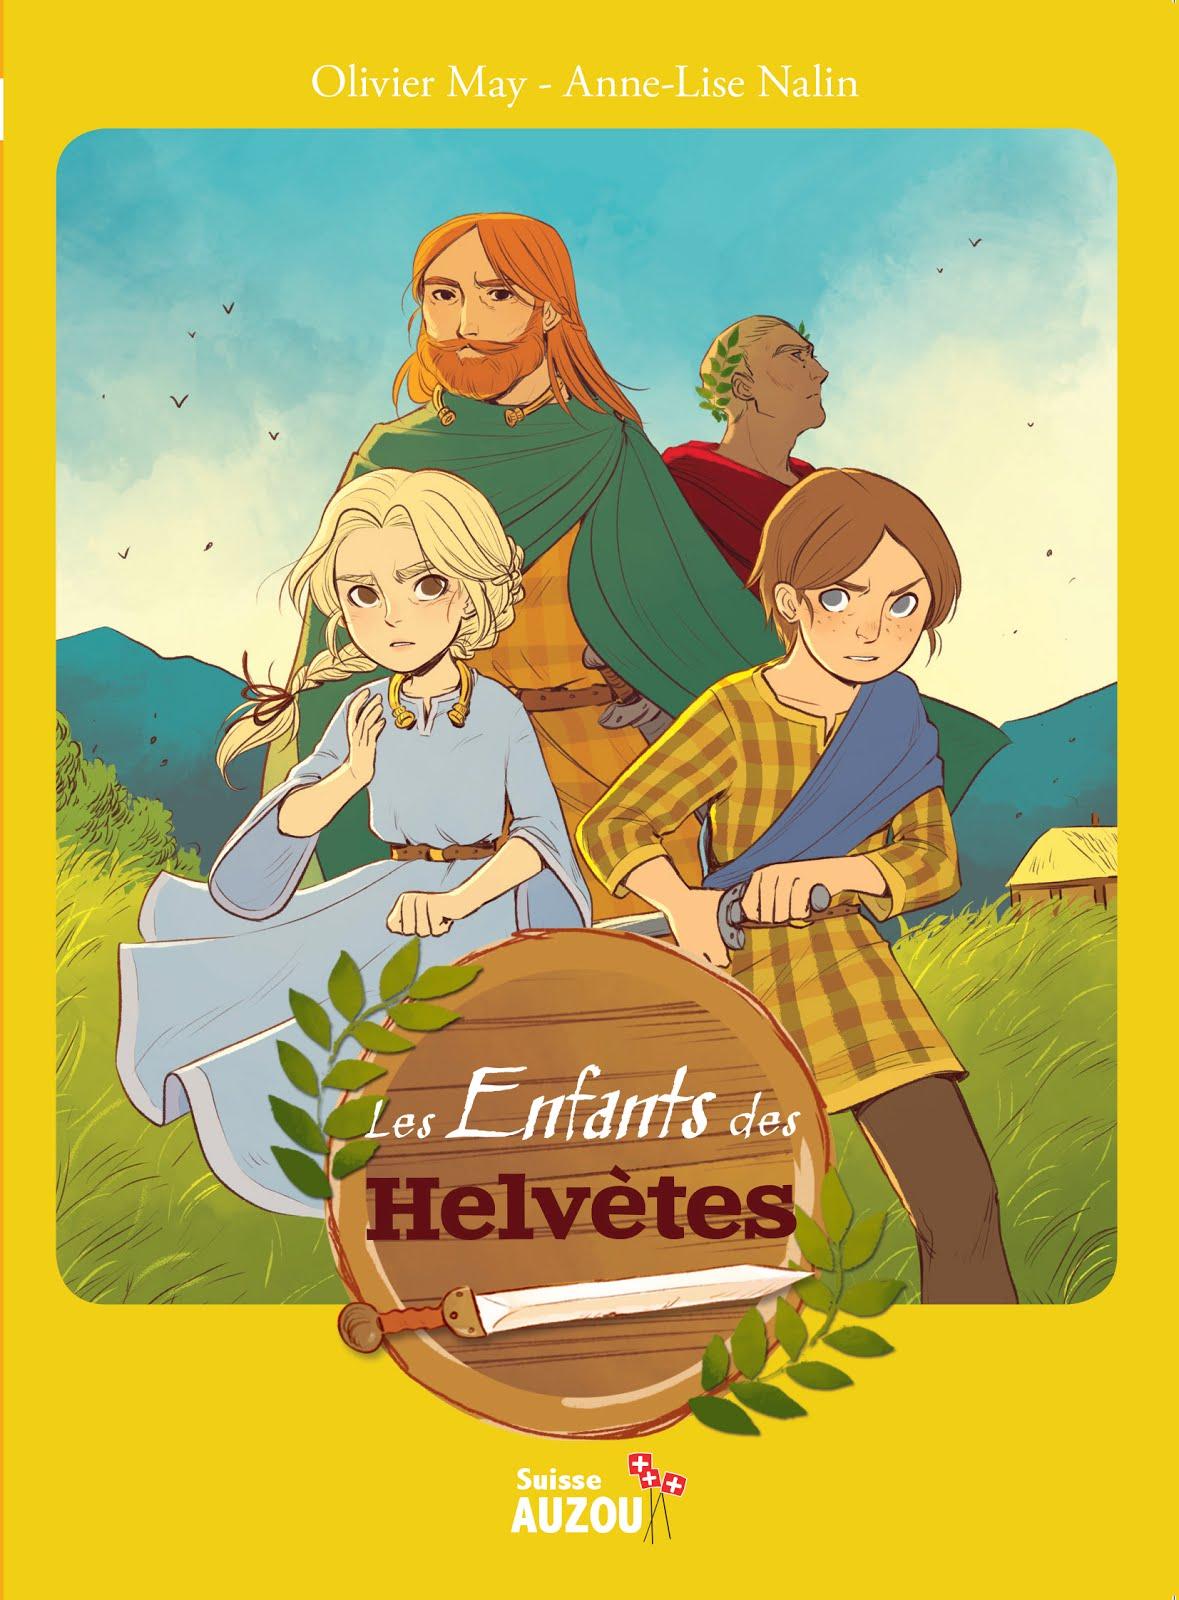 Les Enfants des Helvètes